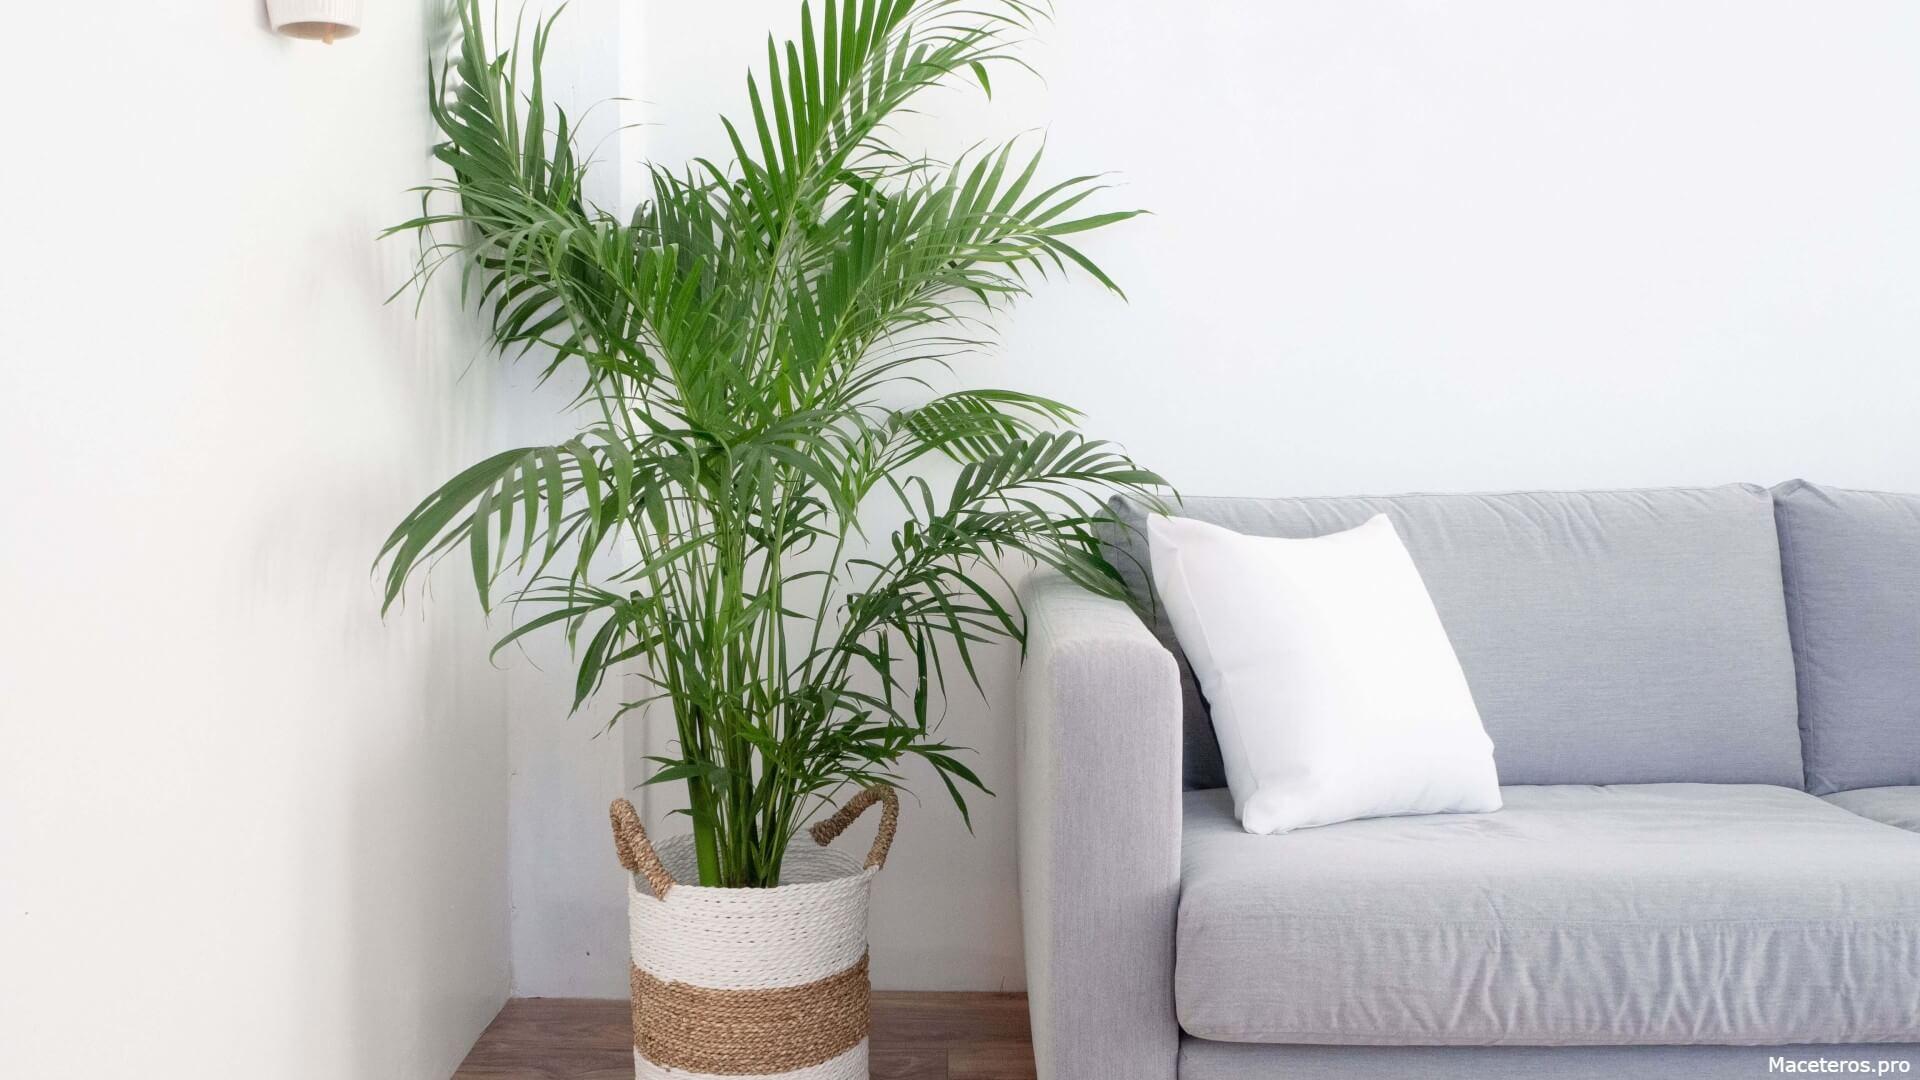 Chamaedorea seifrizii = Palma bambú, Palmera bambú, Palmera Seifriz de bambú